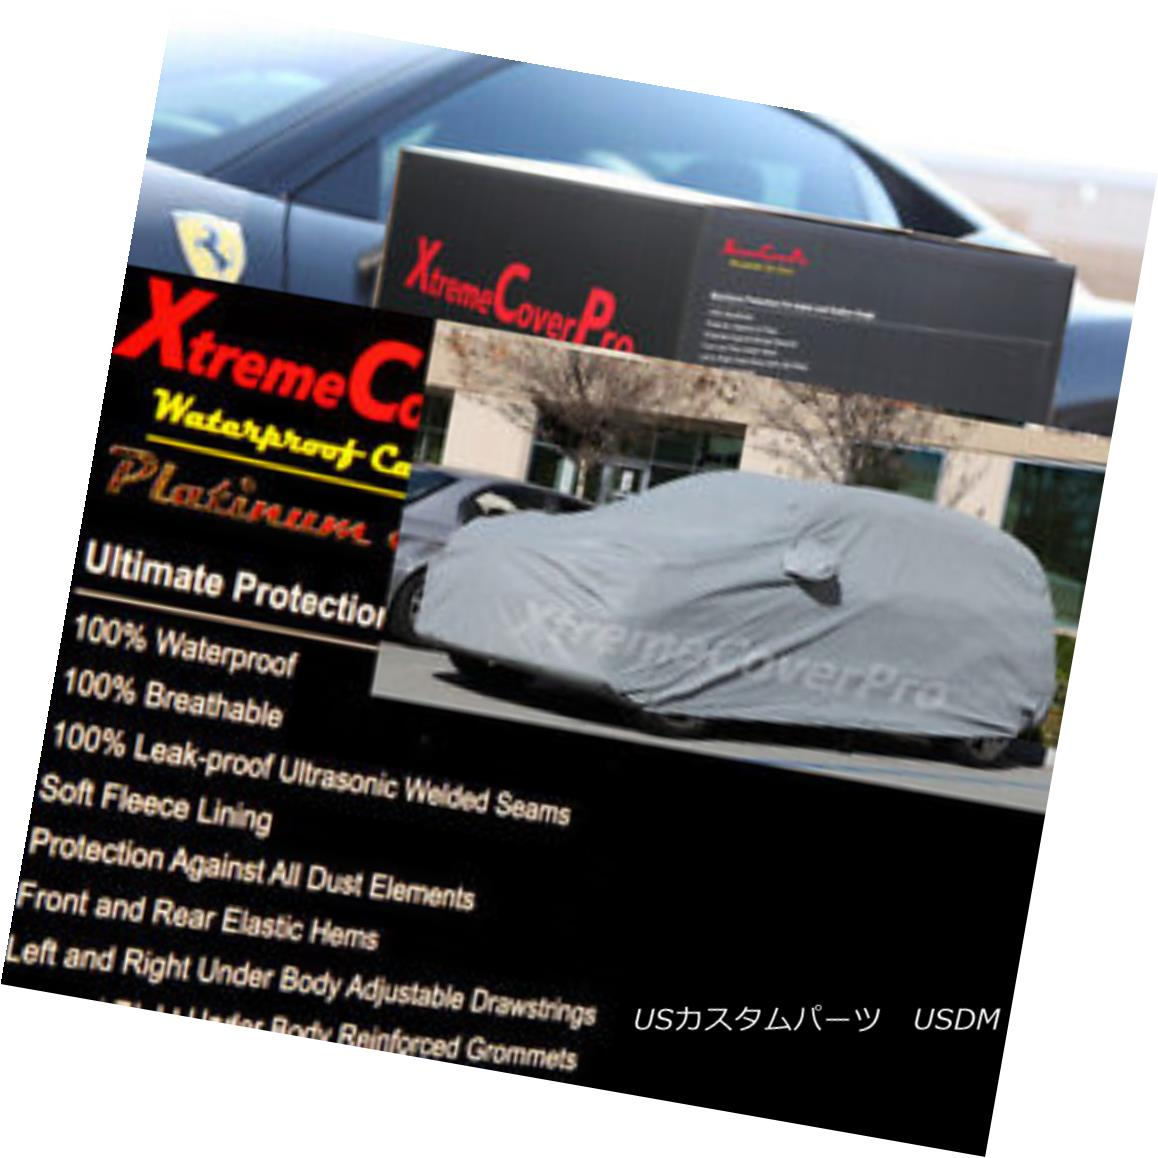 カーカバー 2018 FORD EXPEDITION WATERPROOF CAR COVER W/MIRROR POCKET GRAY 2018フォードクルーズウォータープルーフカウルカバー/ミラーポケットグレー